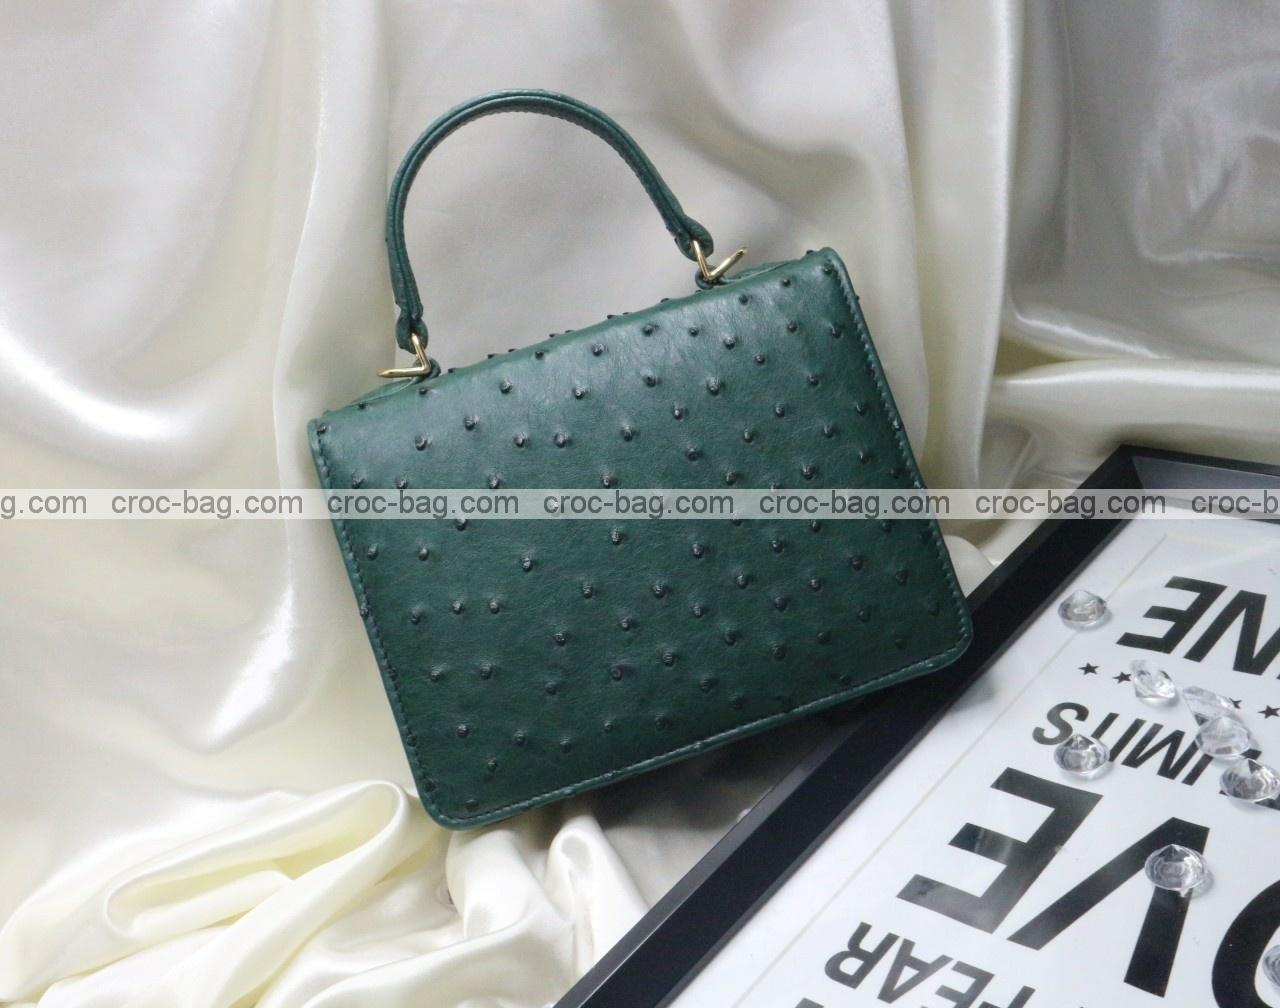 กระเป๋าหนังนกกระจอกเทศหรับผู้หญิง 5289